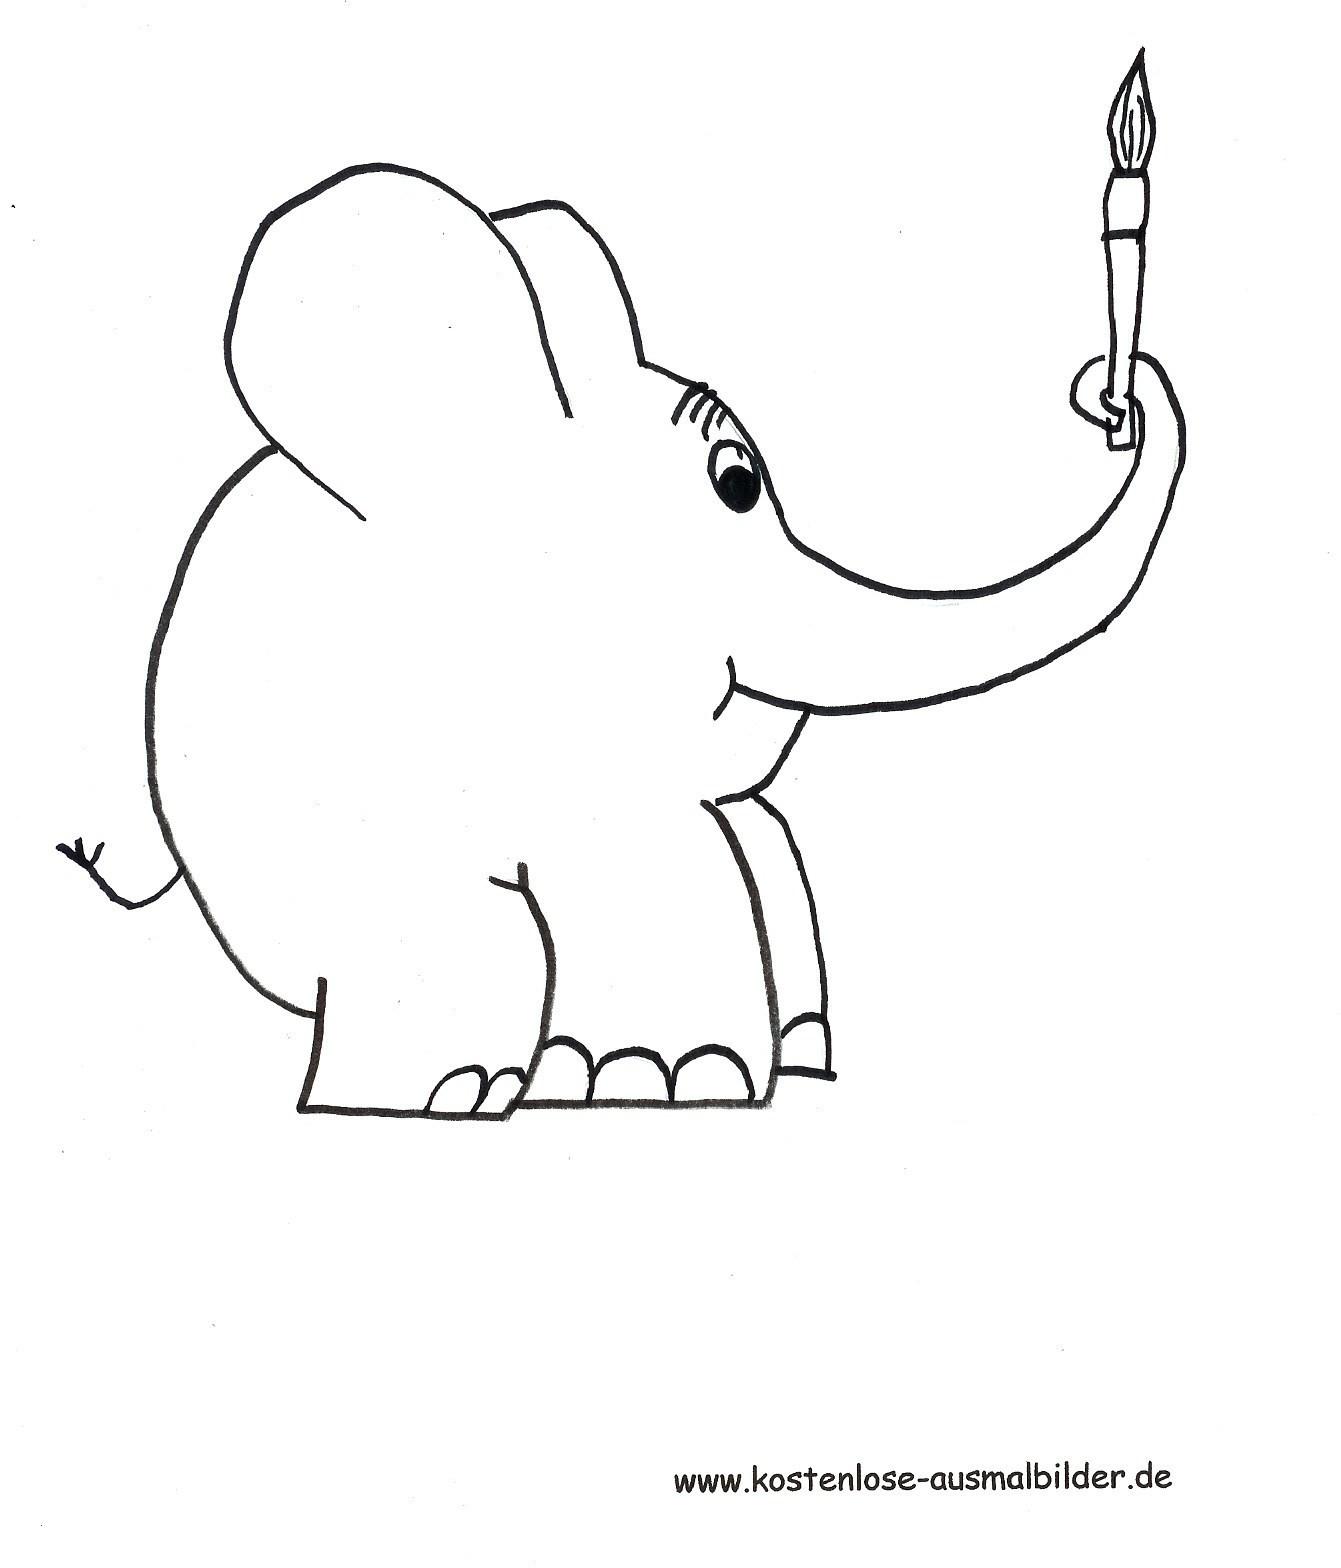 Malvorlage Sendung Mit Der Maus Genial Schmetterling Elefant Spiel Außergewöhnliche Malvorlagen Elefant Sammlung